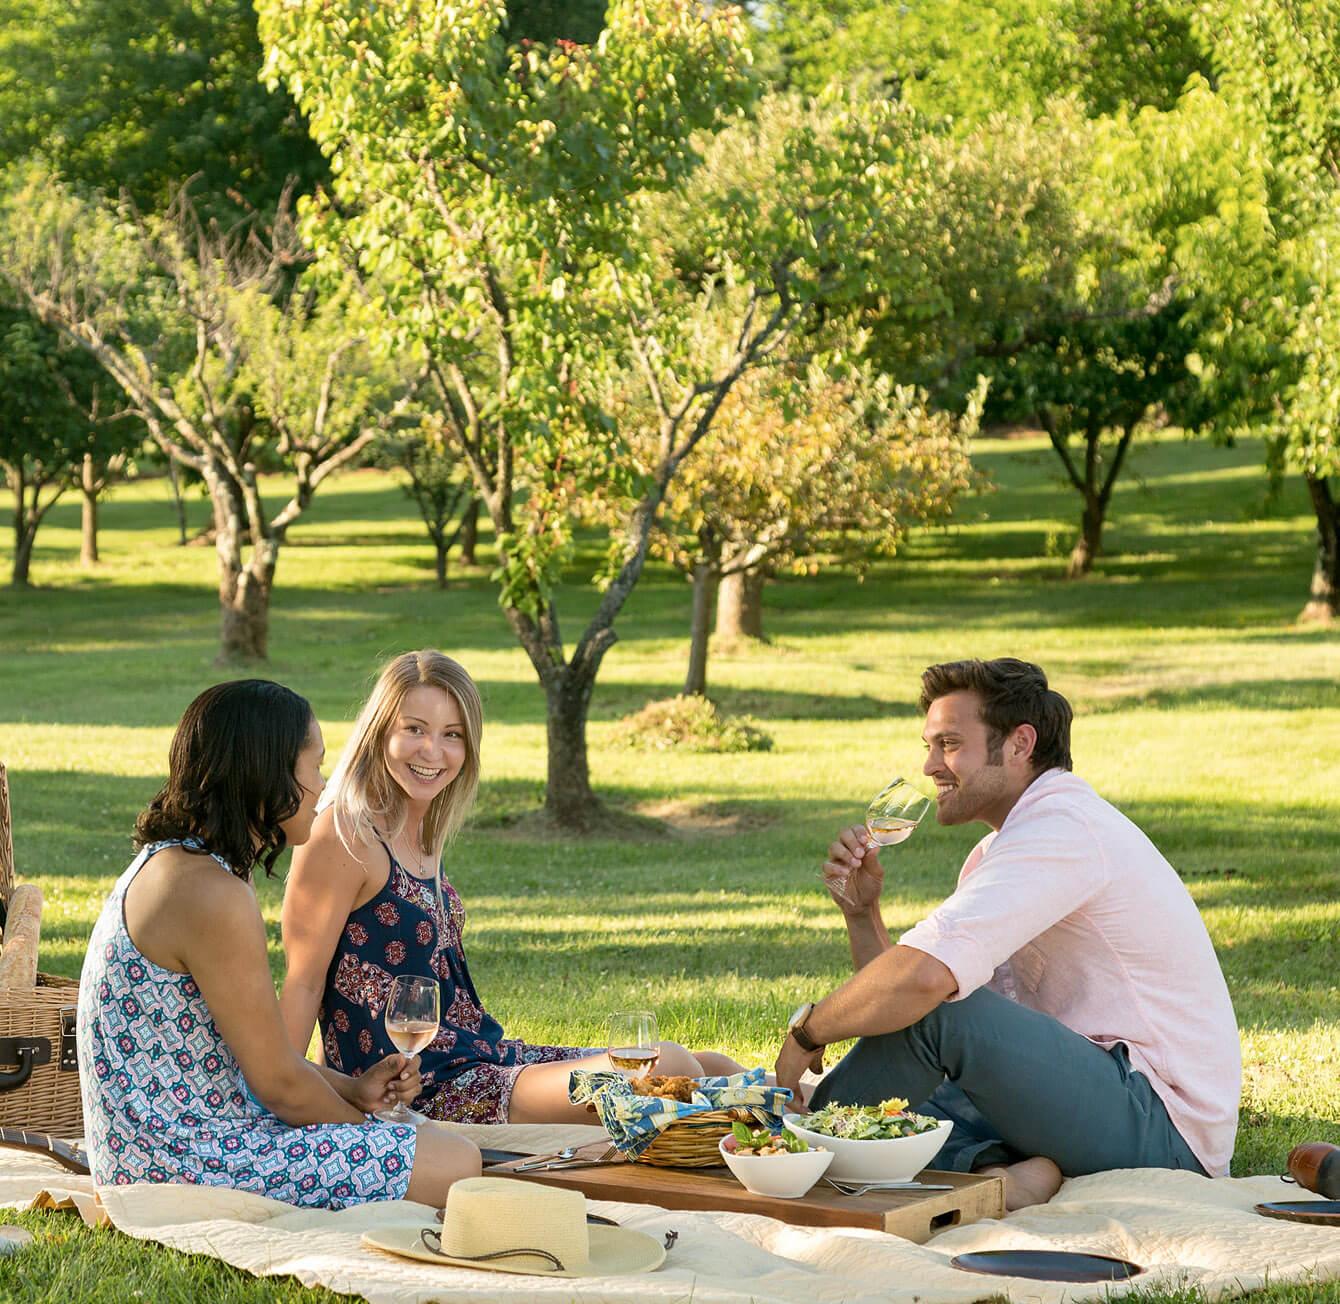 trio sitting on lawn enjoying a Virginia picnic